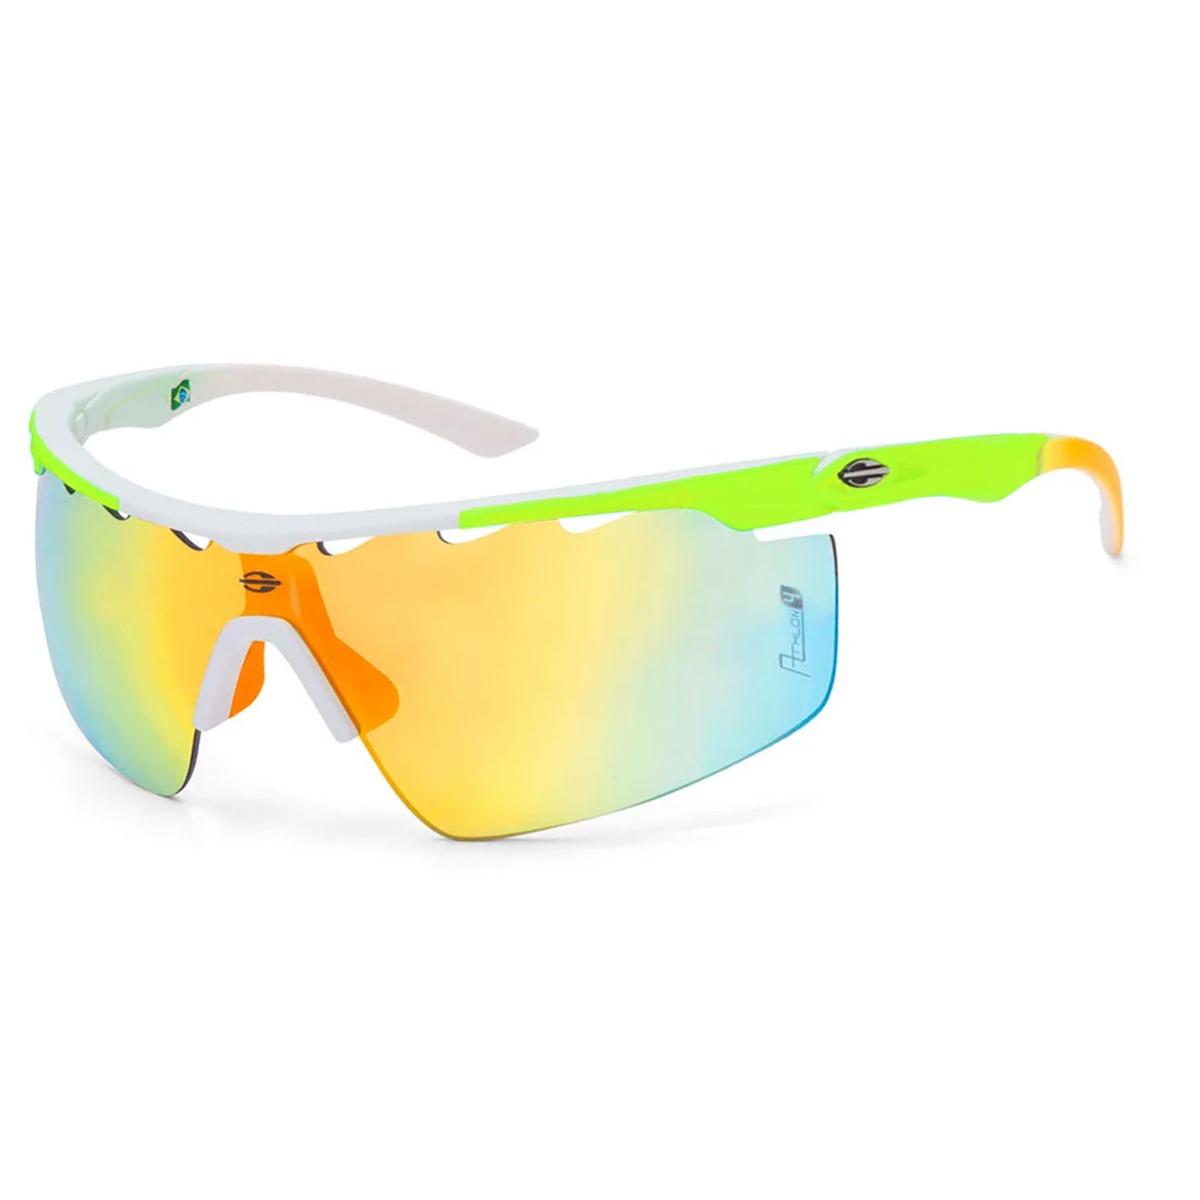 3a3c7e6dc óculos mormaii athlon 4 amarelo limão/ lente laranja degradê. Carregando  zoom.